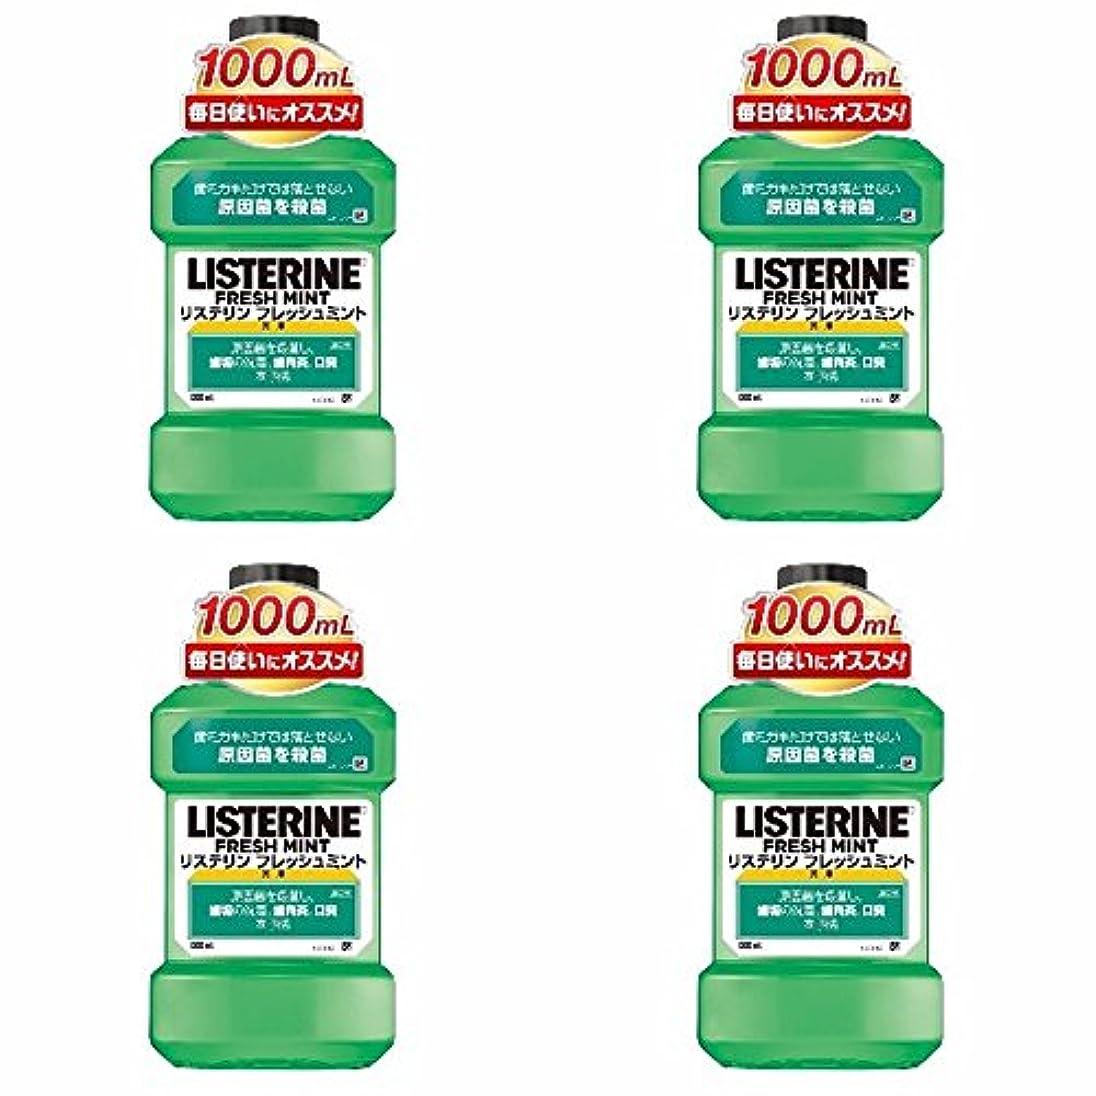 反逆者ページリラックス【まとめ買い】薬用 LISTERINE リステリン フレッシュミント 1000ml×4個